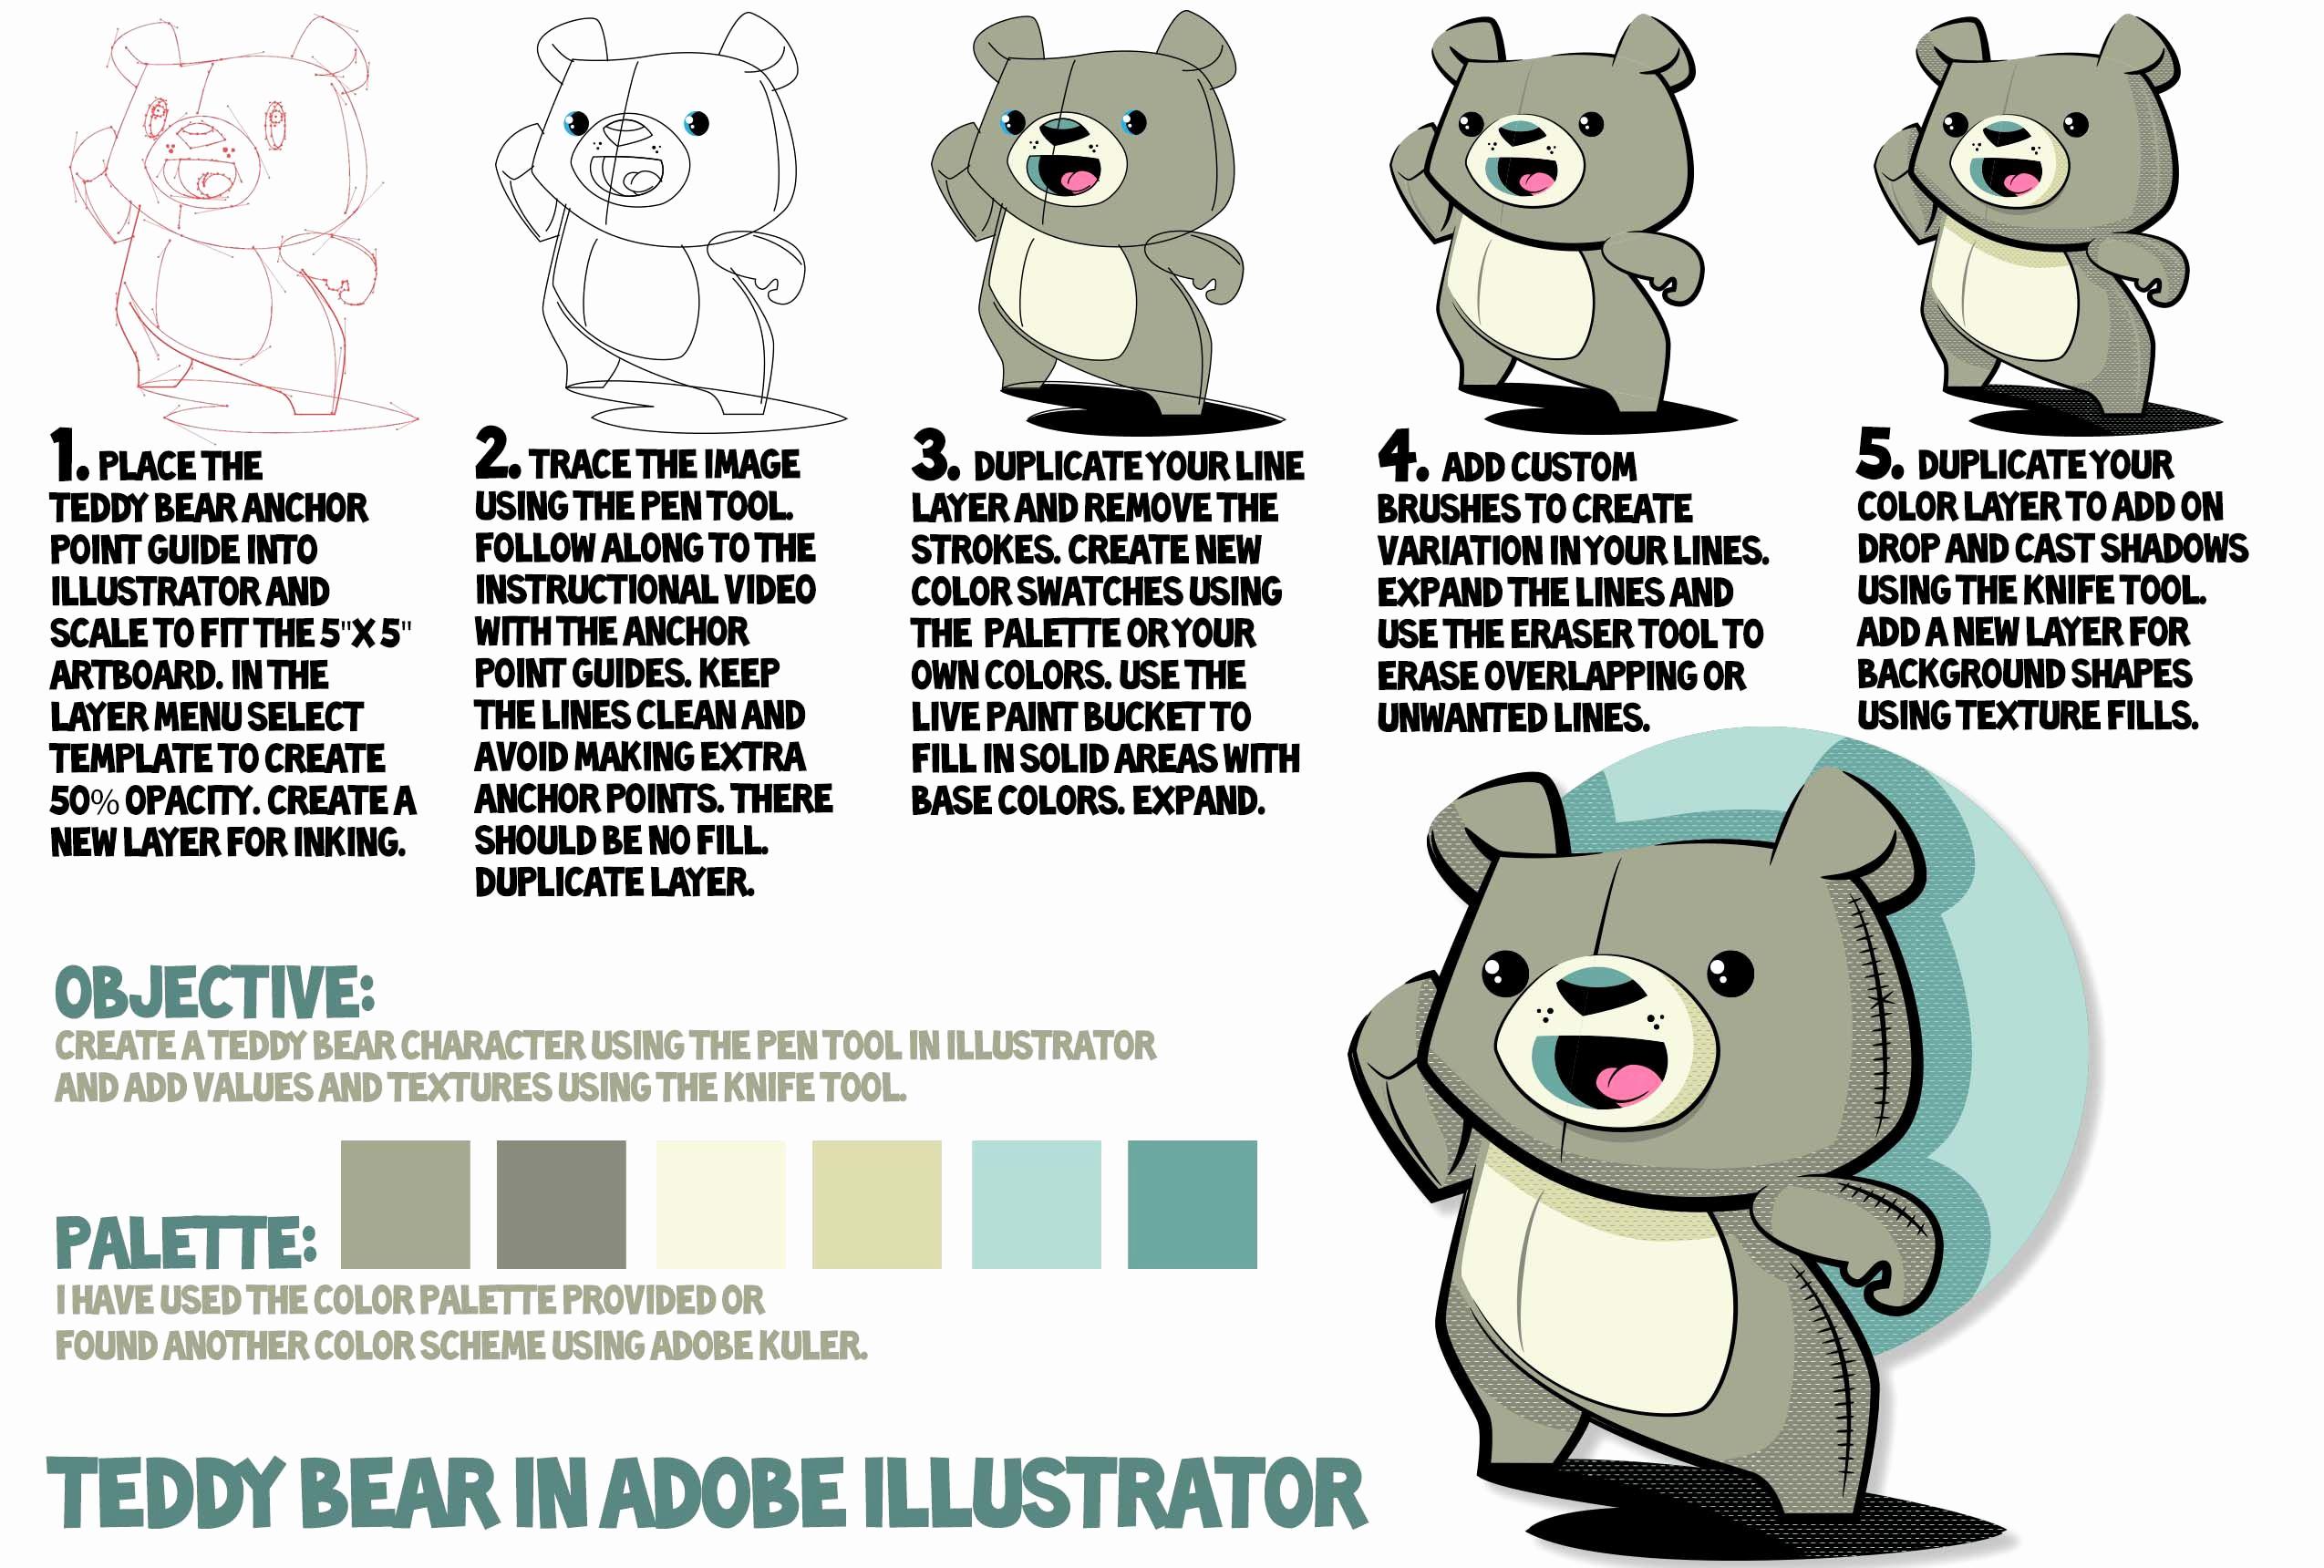 Adobe Illustrator Tutorials for Beginners Fresh Easy Adobe Illustrator Tutorial Using A Cartoon Teddy Bear